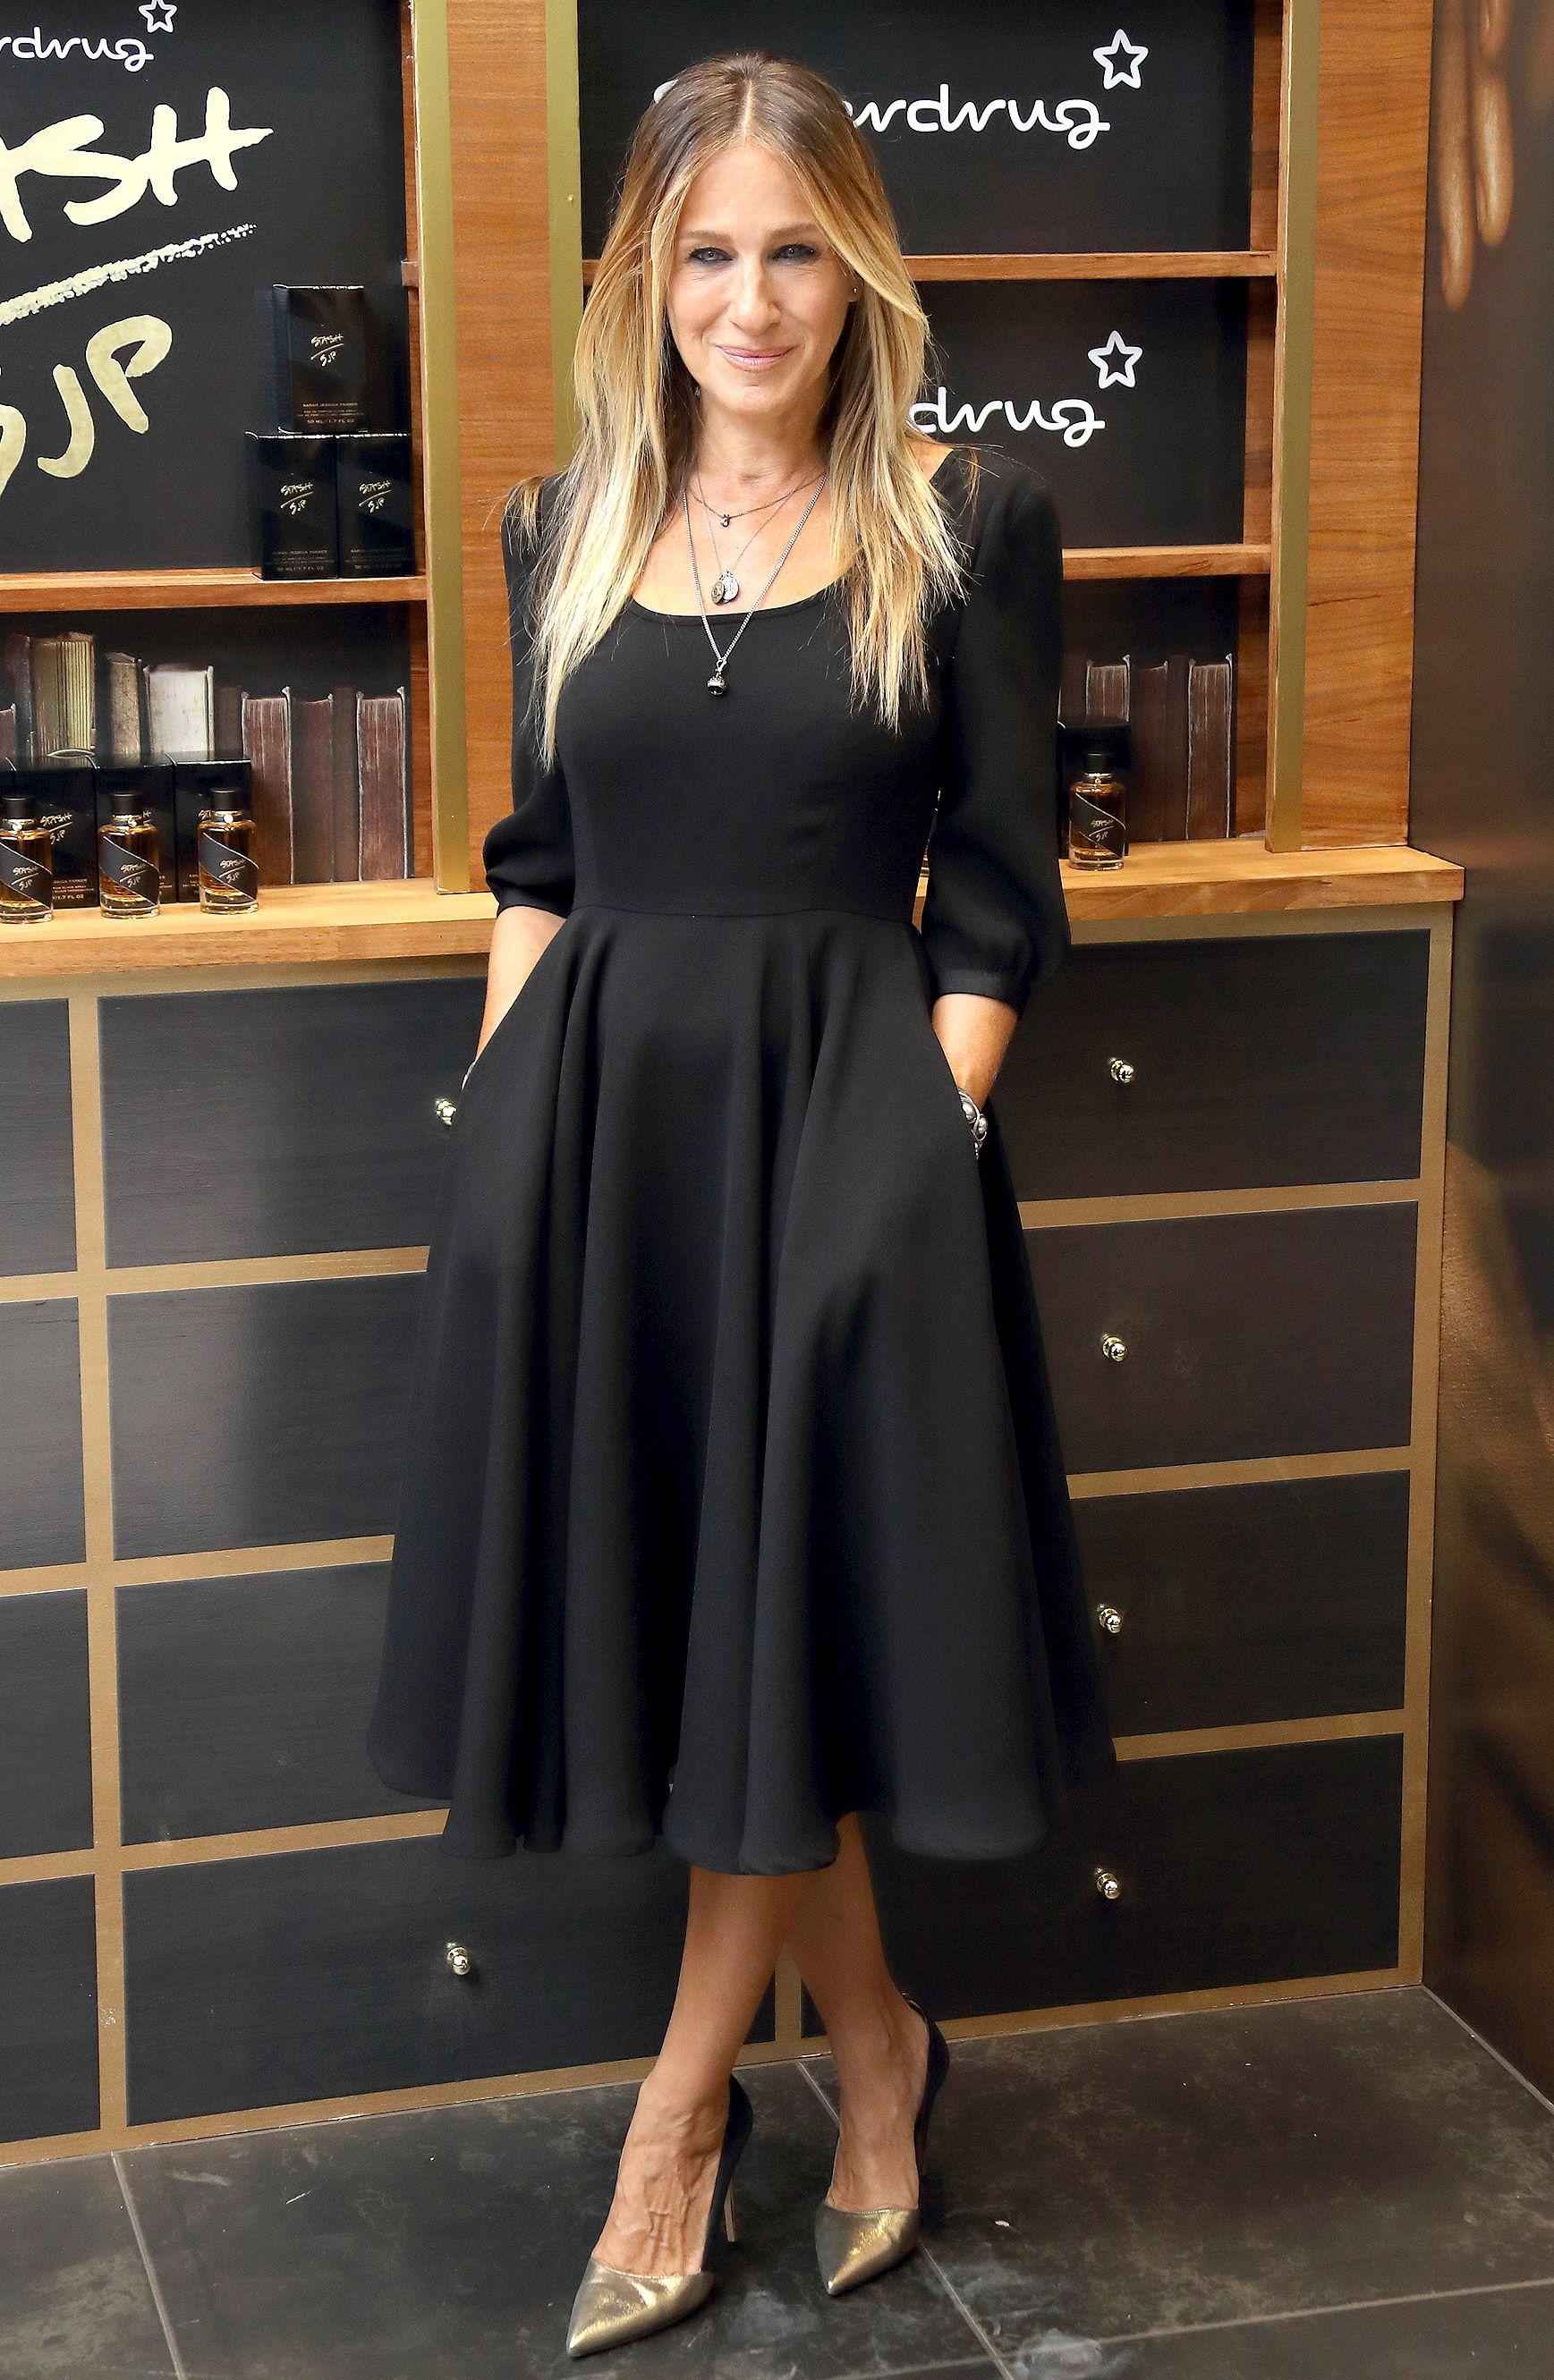 vestidos elegantes para oficinas en color negro